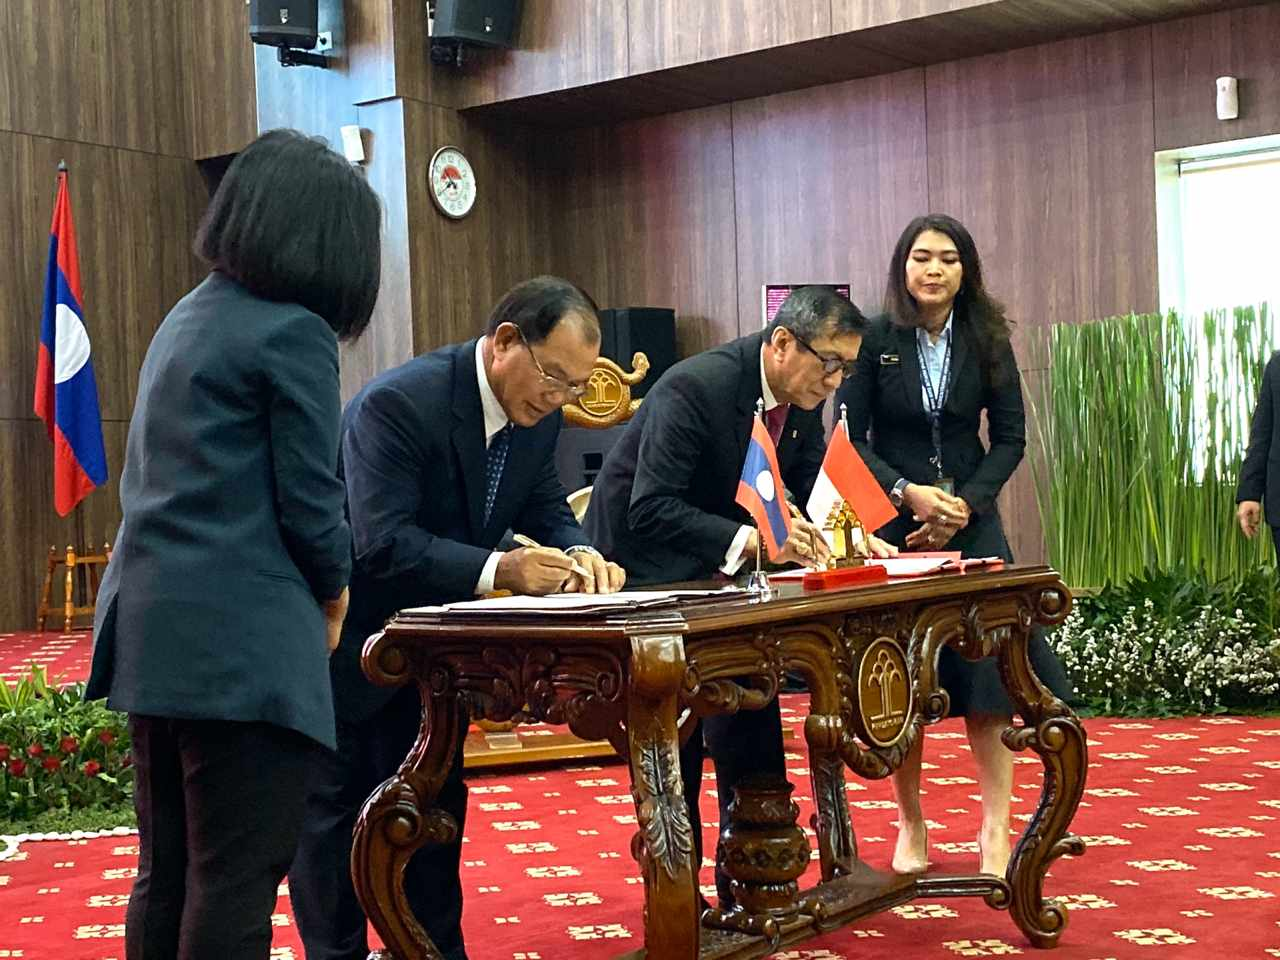 Penandatanganan Memorandum of Cooperation antara Kementerian Hukum dan HAM Republik Indonesia dan Kementerian Kehakiman Republik Demokratik Rakyat Laos, di Jakarta (04-11-2019).